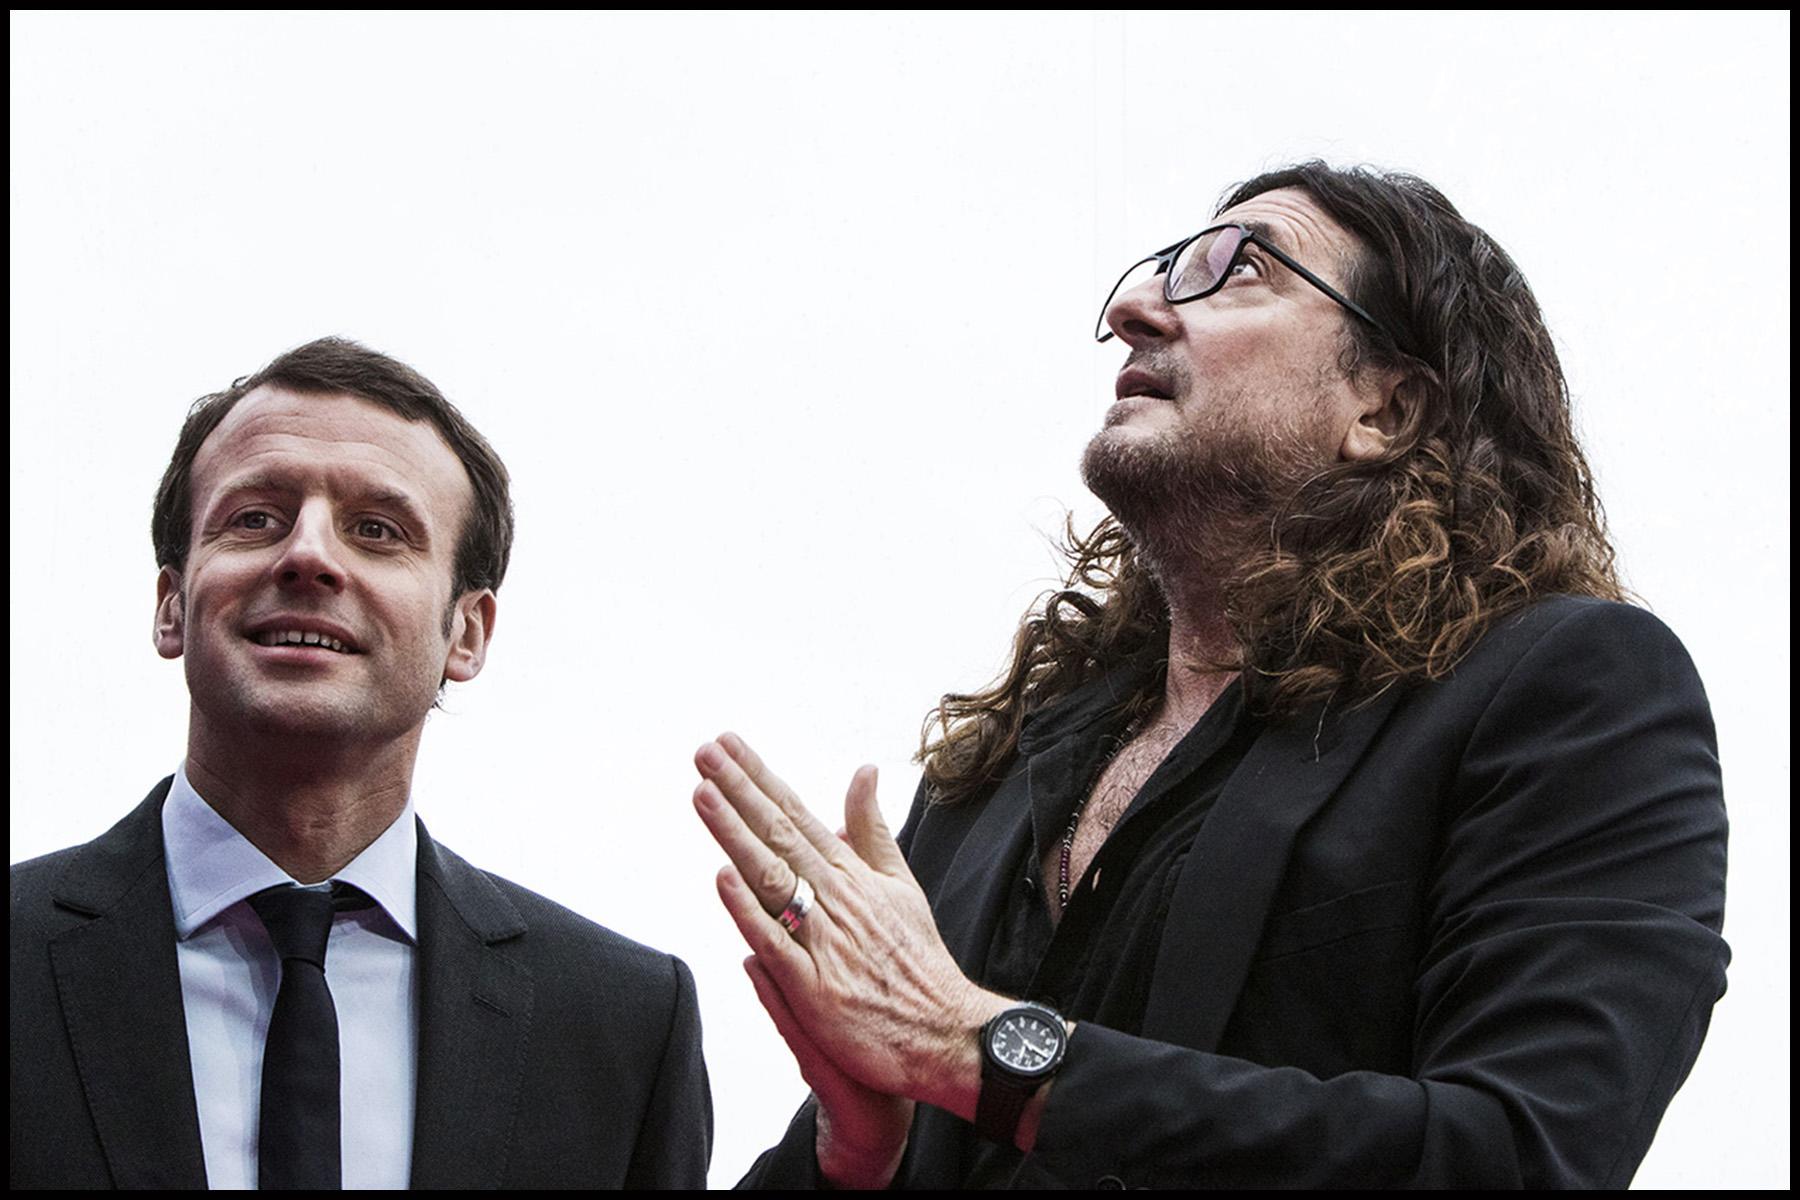 Jacques-Antoine GRANJON, PDG et fondateur de Vente-privée.com accueille Emmanuel MACRON pour l'inauguration du nouveau batiment de vente-privée à Saint-Denis.